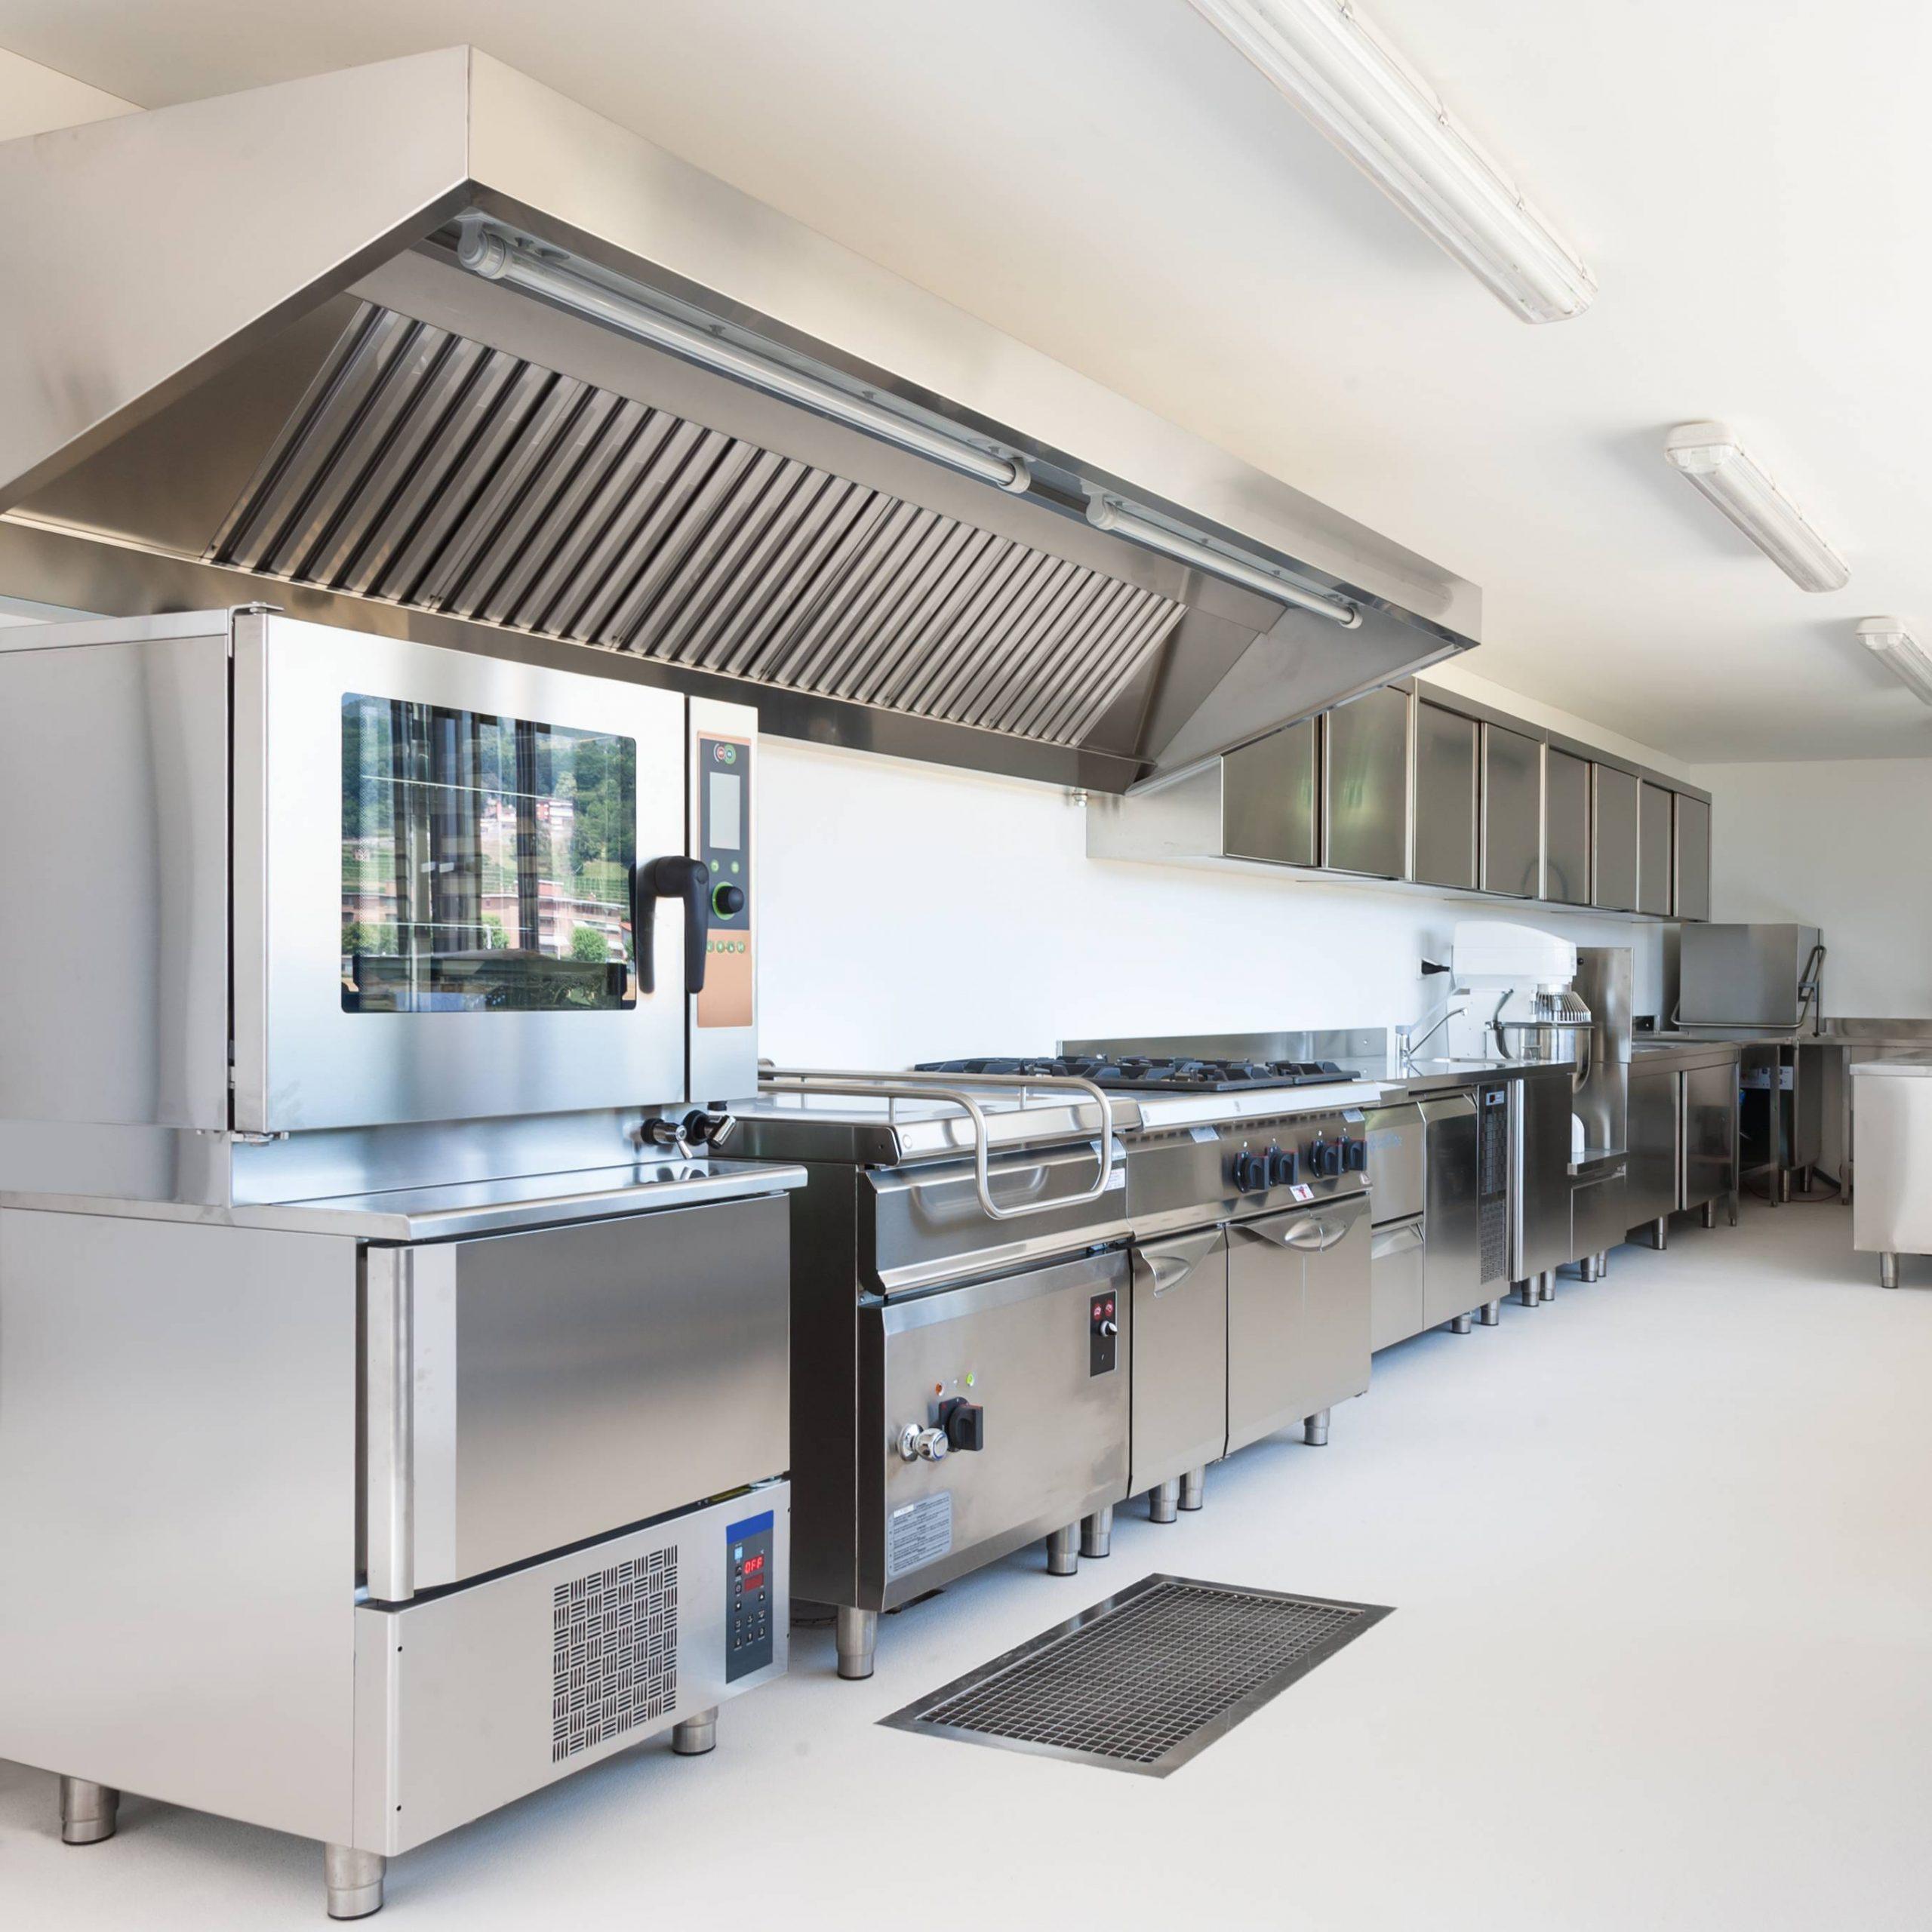 conservation des aliments dans une cuisine professionnelle